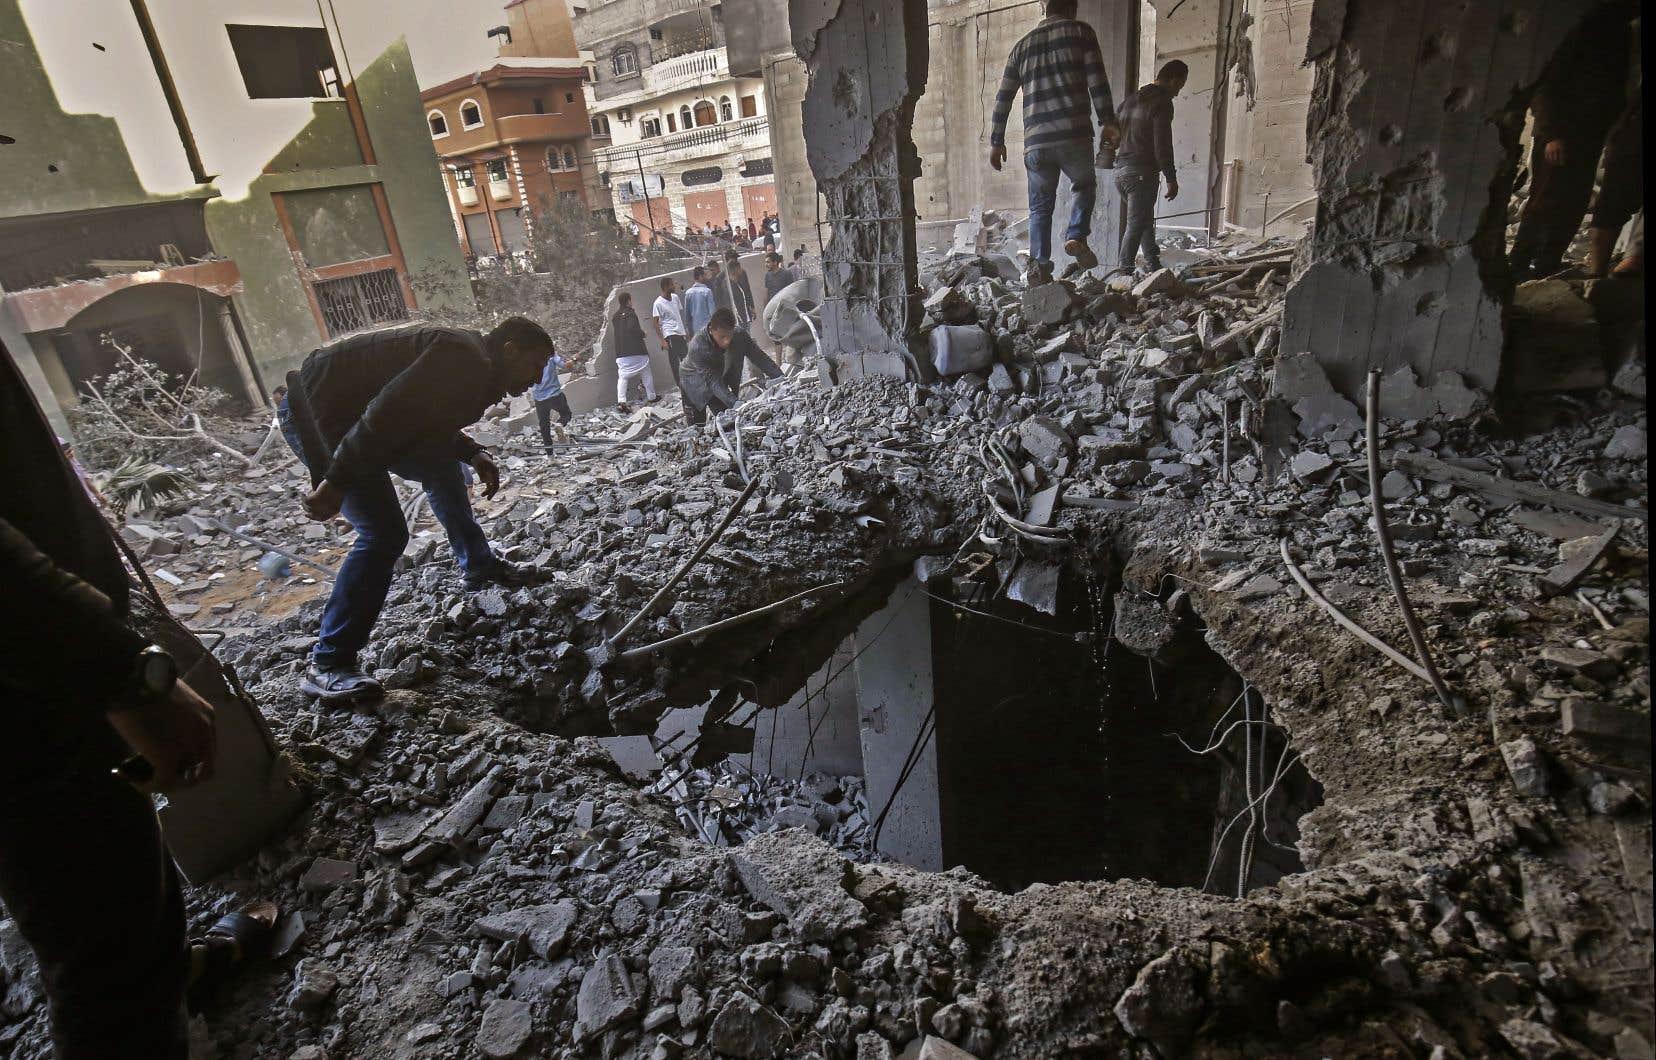 L'enclave palestinienne et les villes israéliennes voisines ont été le théâtre samedi et dimanche de la plus grave flambée de violences depuis la guerre de Gaza de 2014, faisant redouter un quatrième conflit en 11 ans.